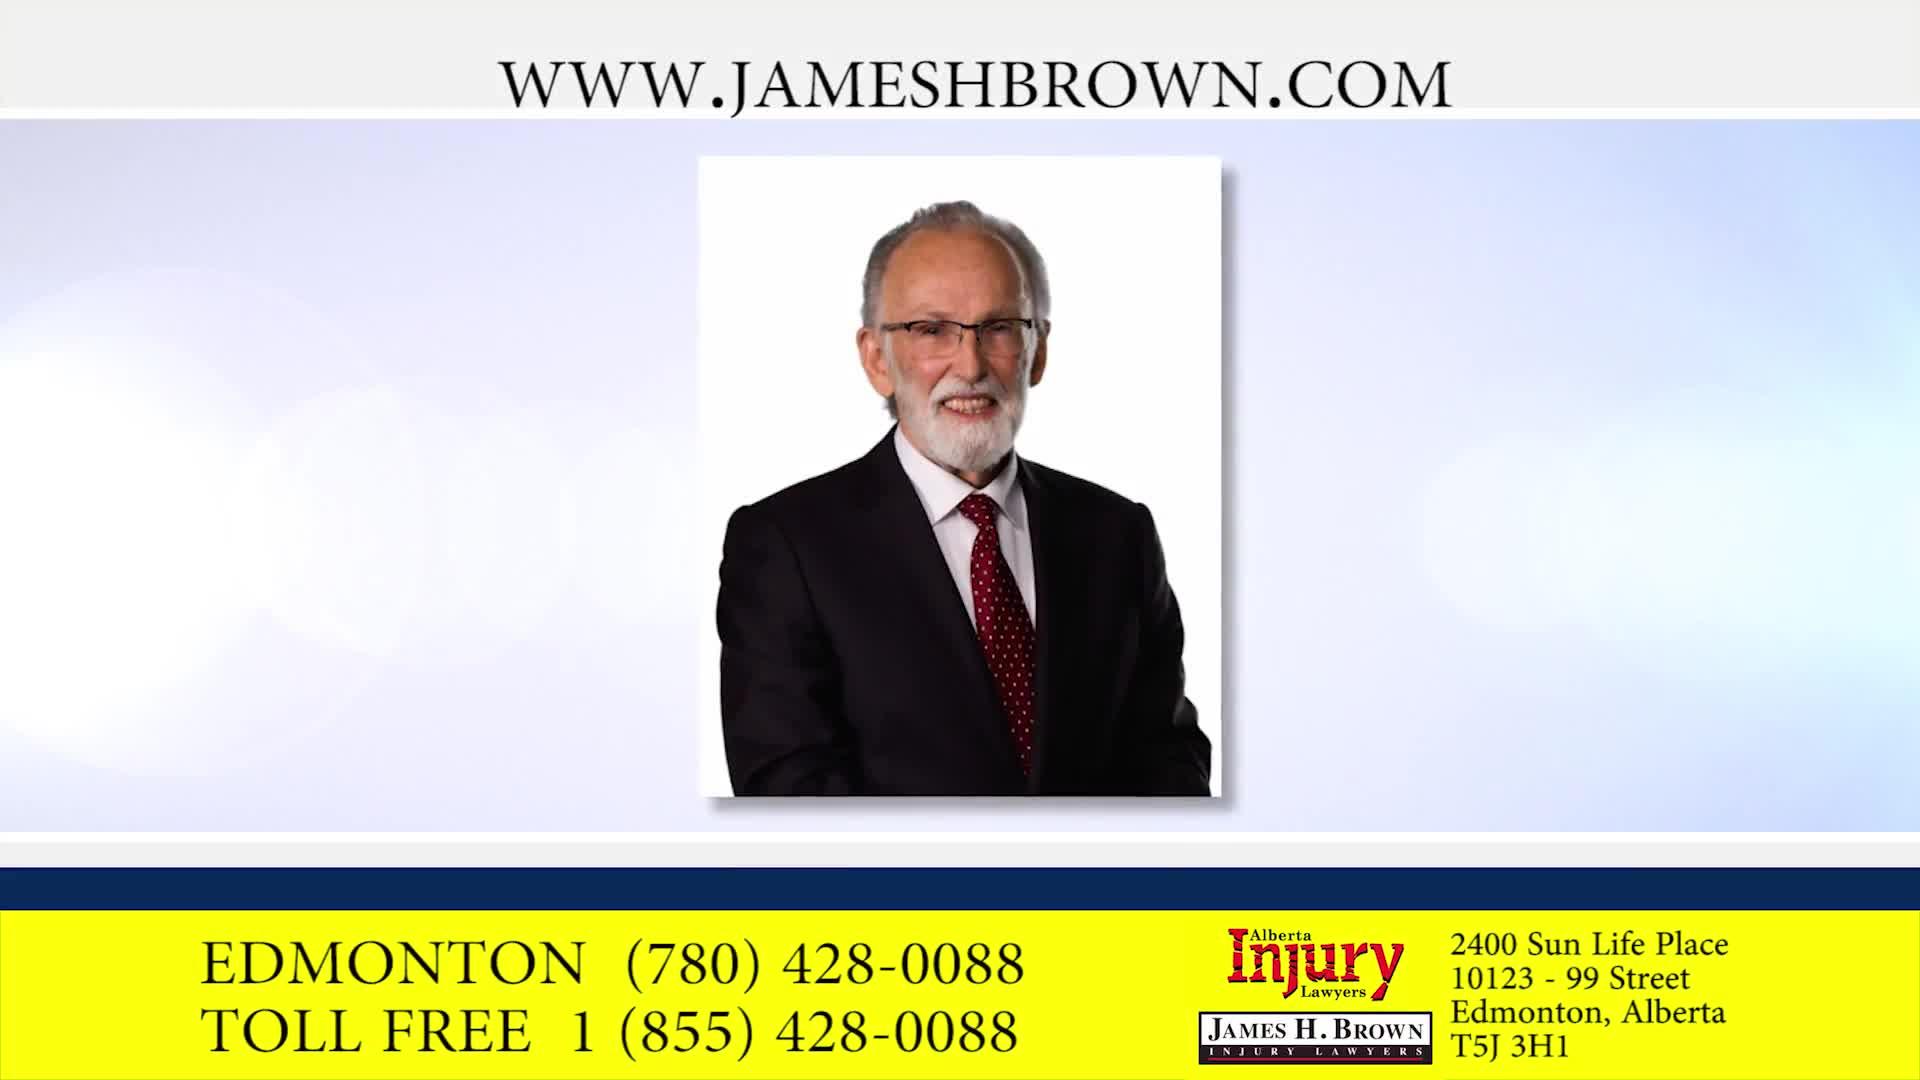 Alberta Injury Lawyers - Personal Injury Lawyers - 1-844-280-7052